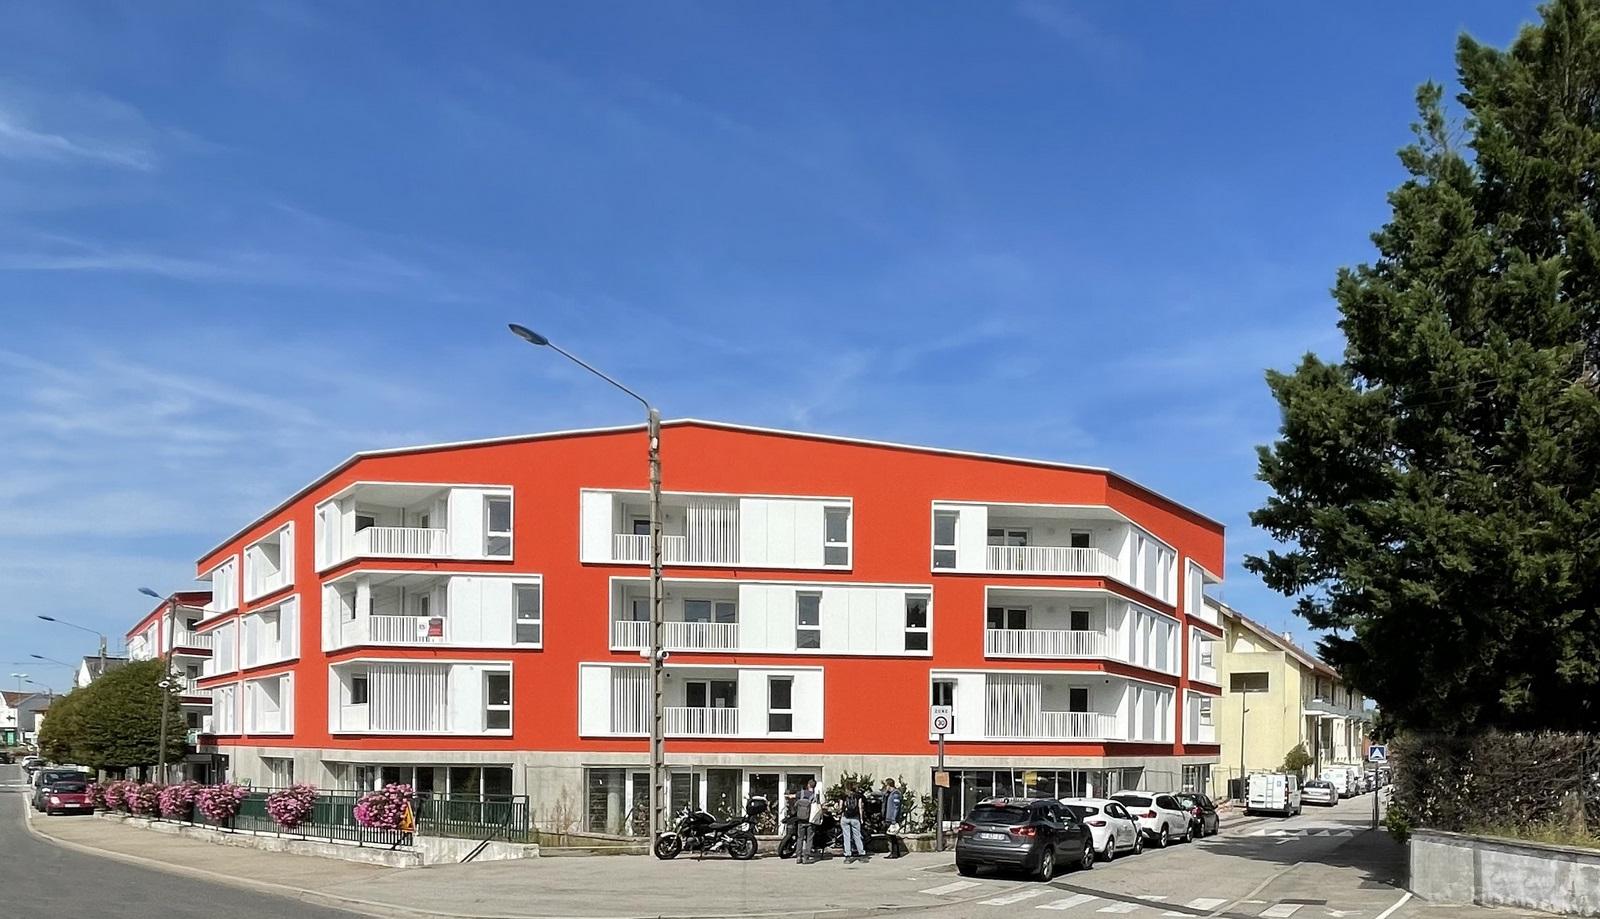 Les Marronniers - logements - La Verpillière - Z Architecture - chantier - façade